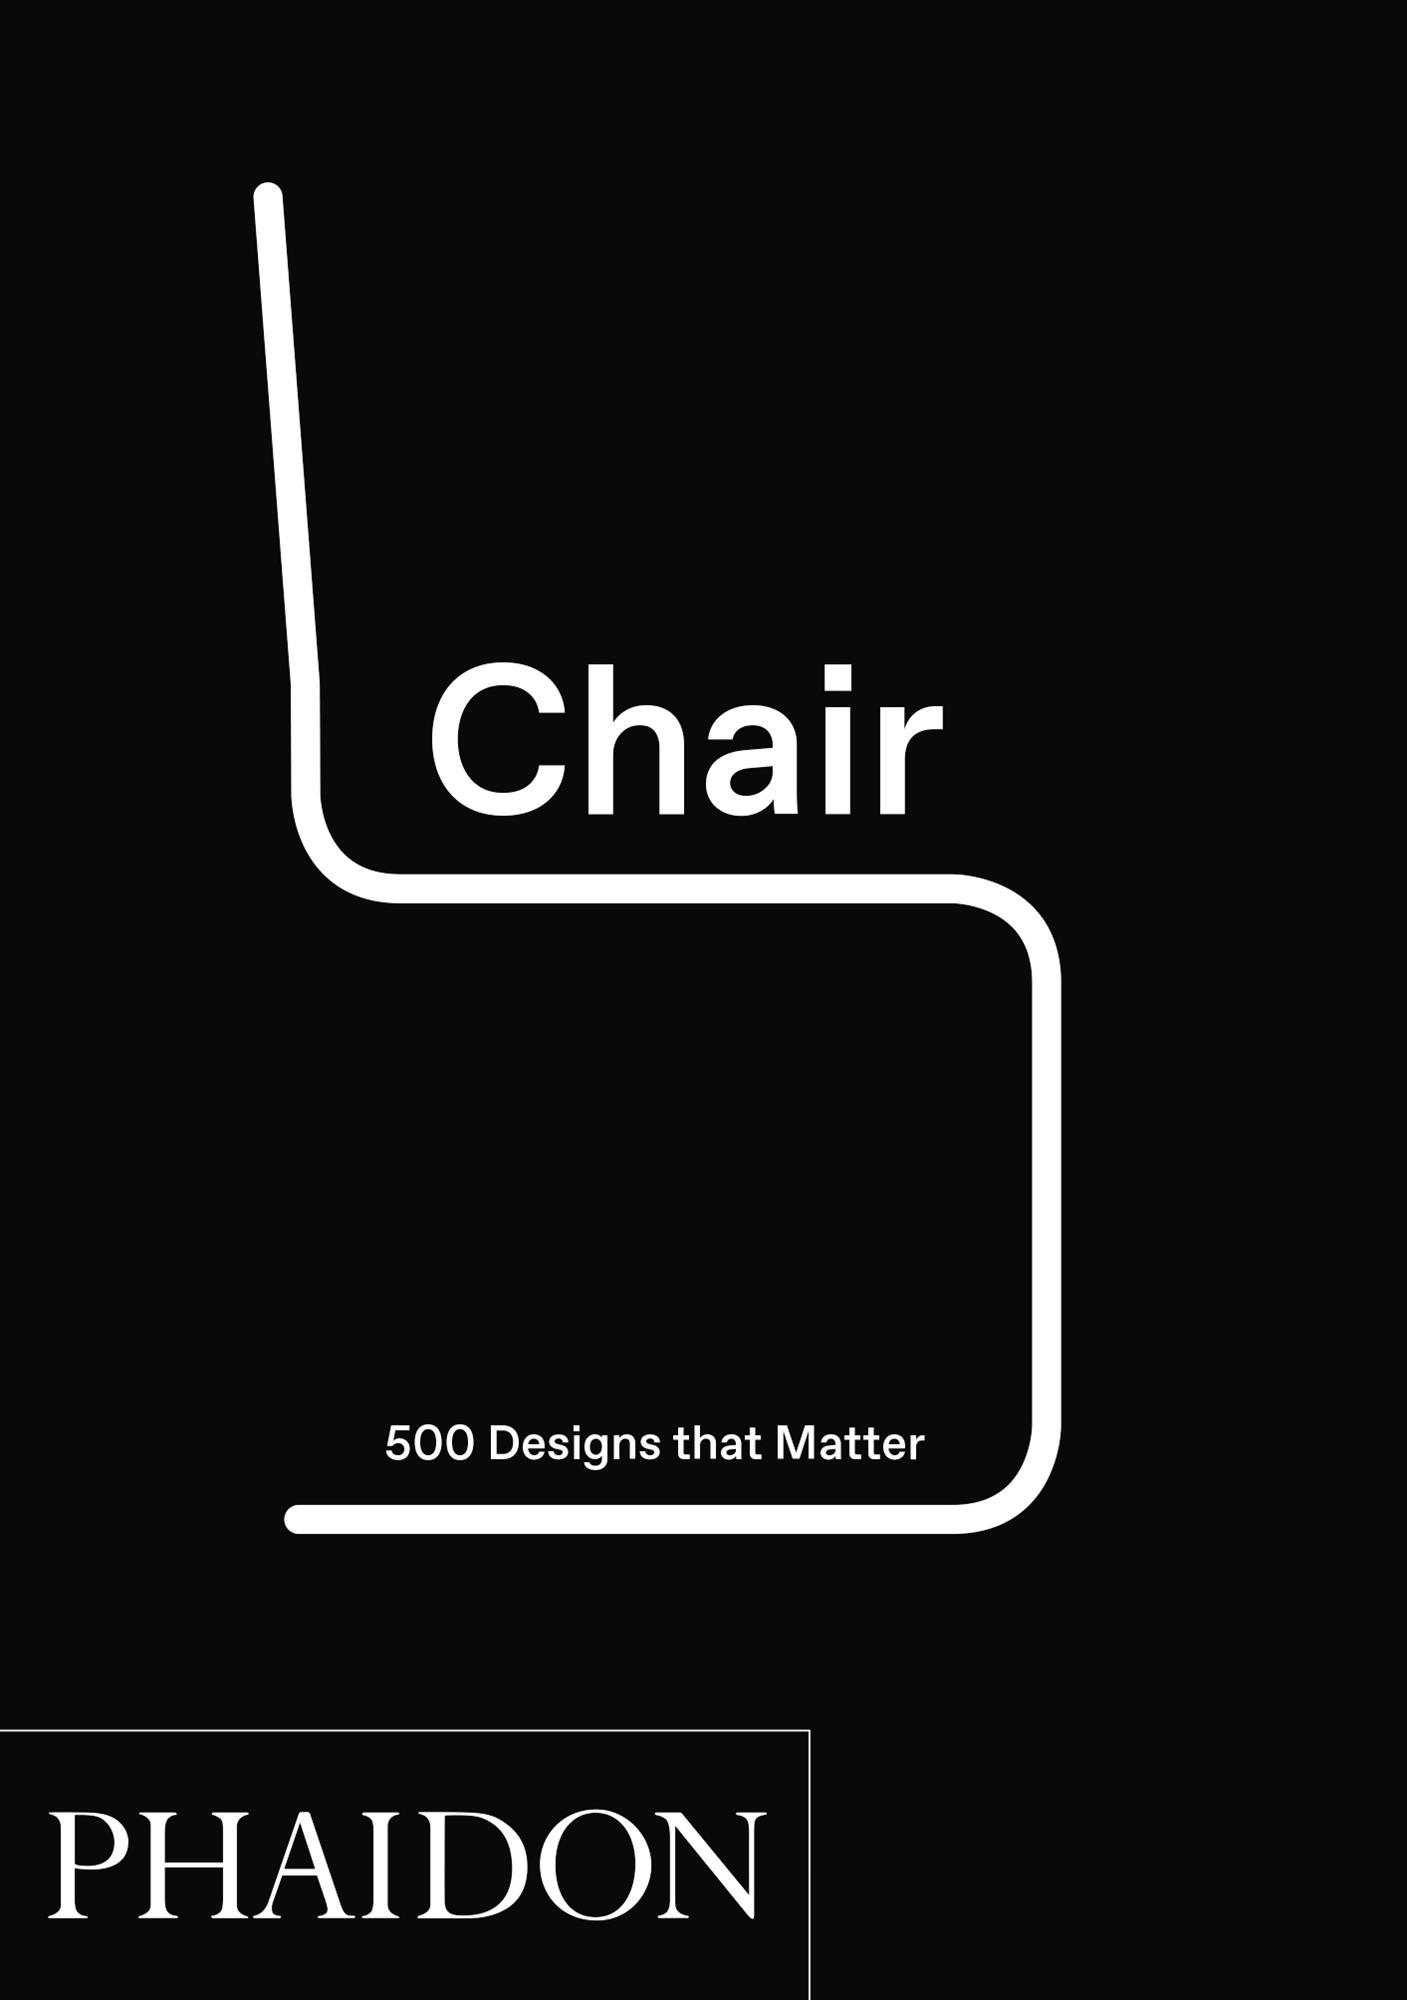 Chair Phaidon Editors - Neumünster, Deutschland - Chair Phaidon Editors - Neumünster, Deutschland